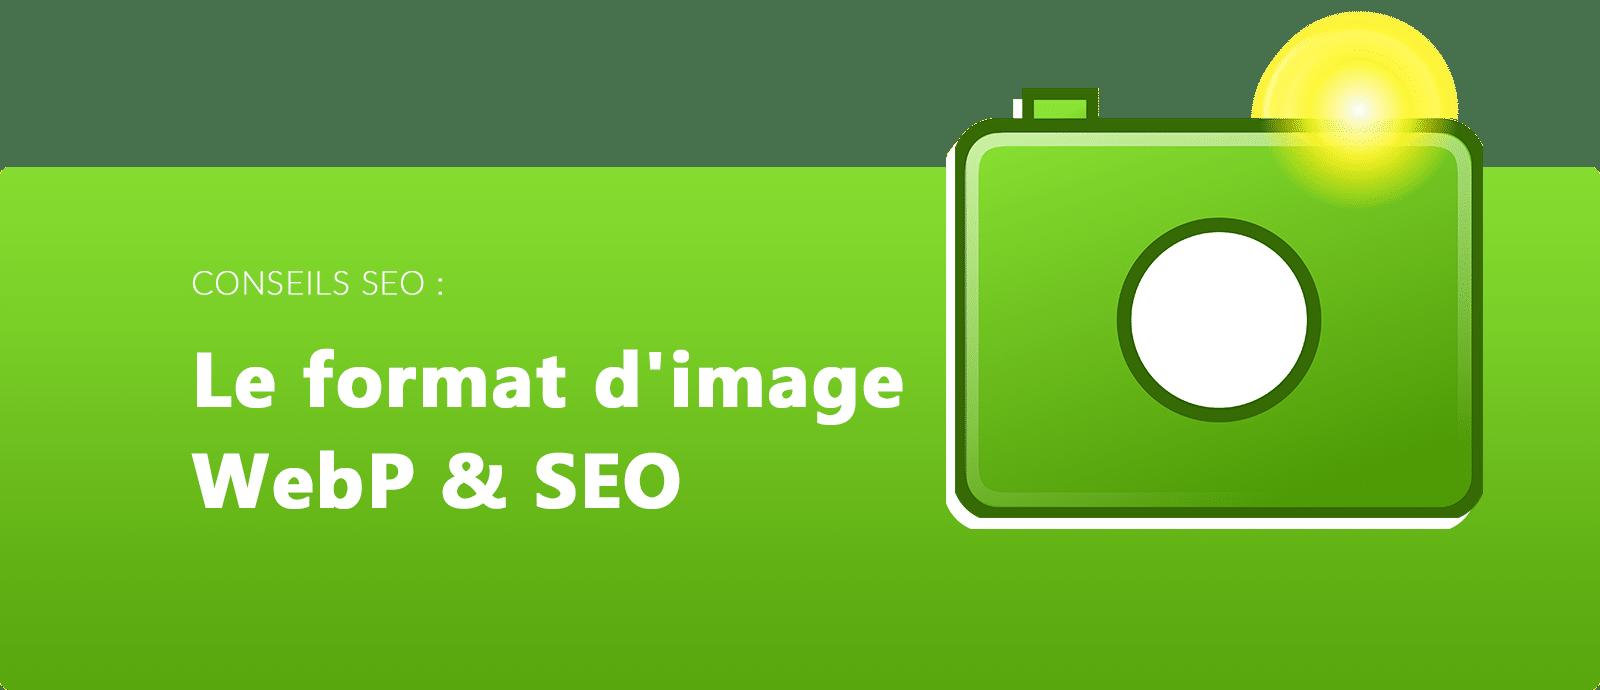 Format d'image Webp et SEO